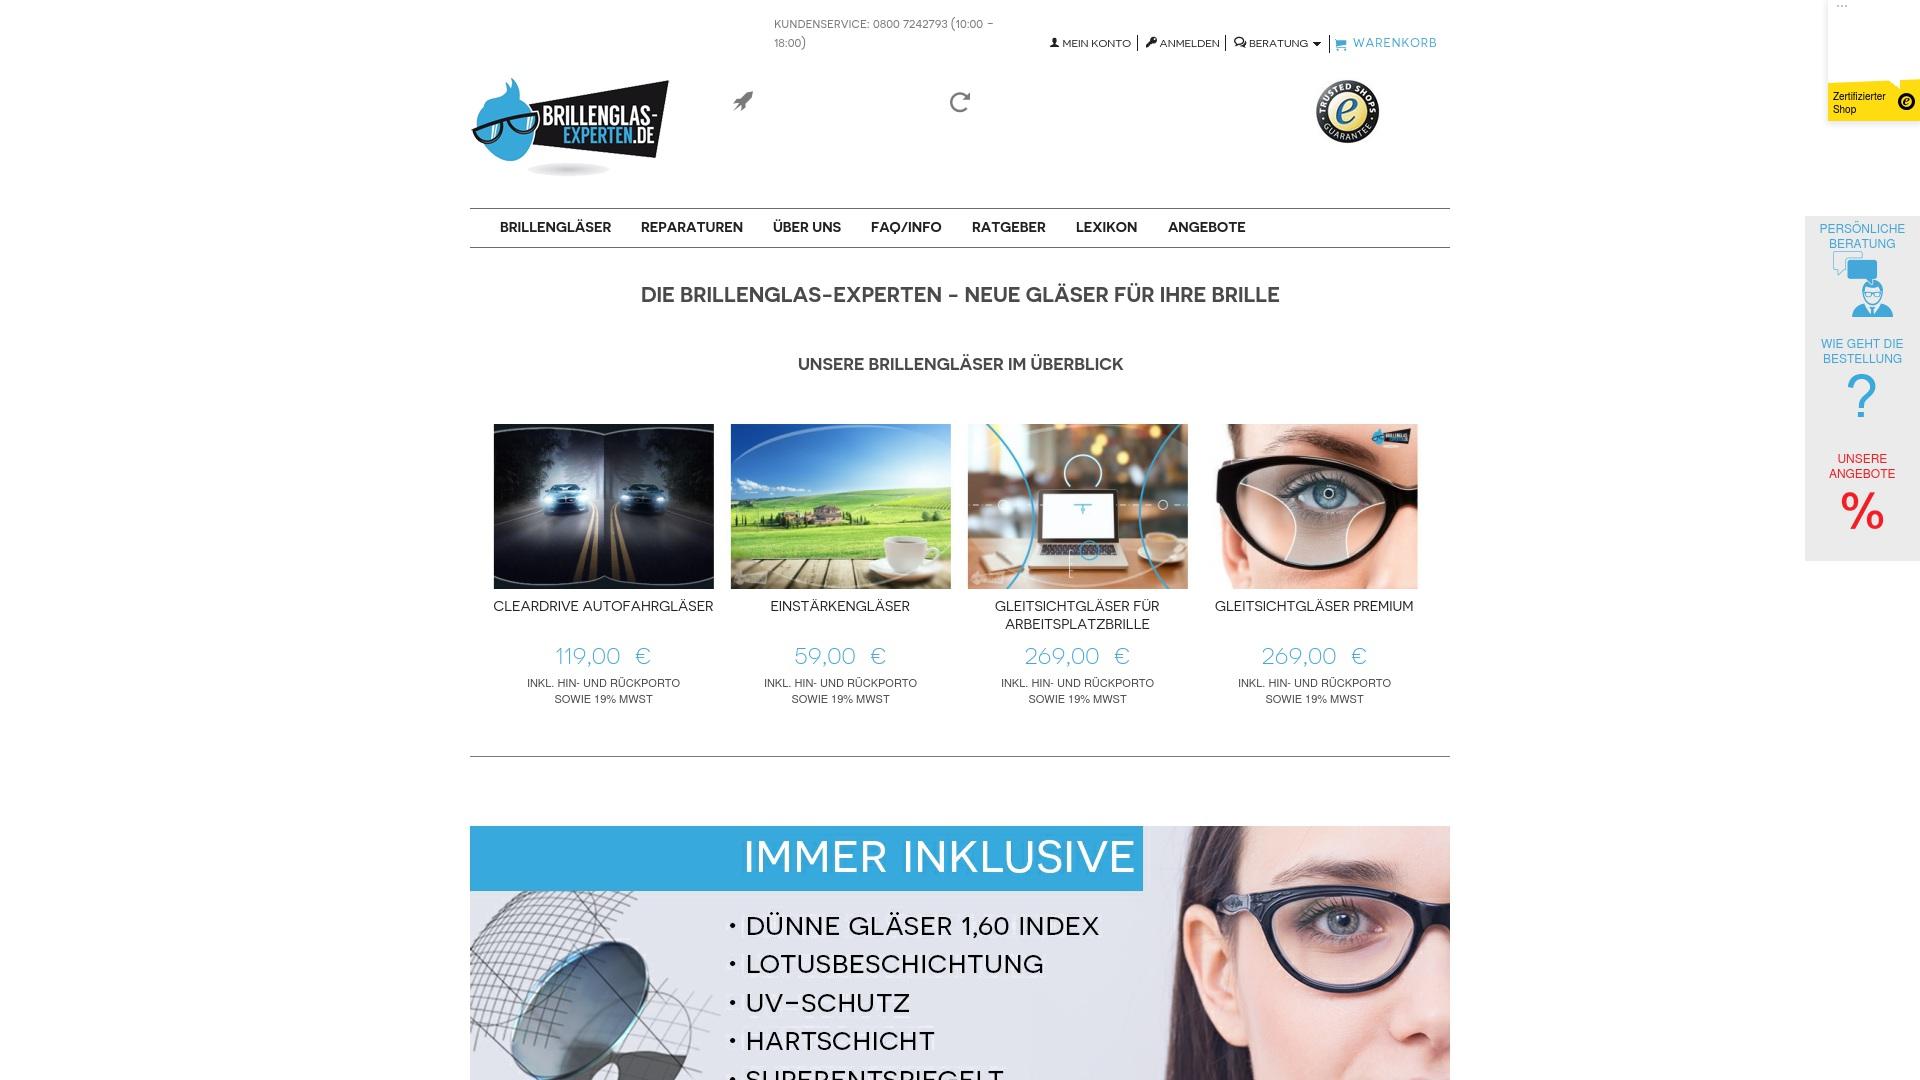 Gutschein für Brillenglas-experten: Rabatte für  Brillenglas-experten sichern